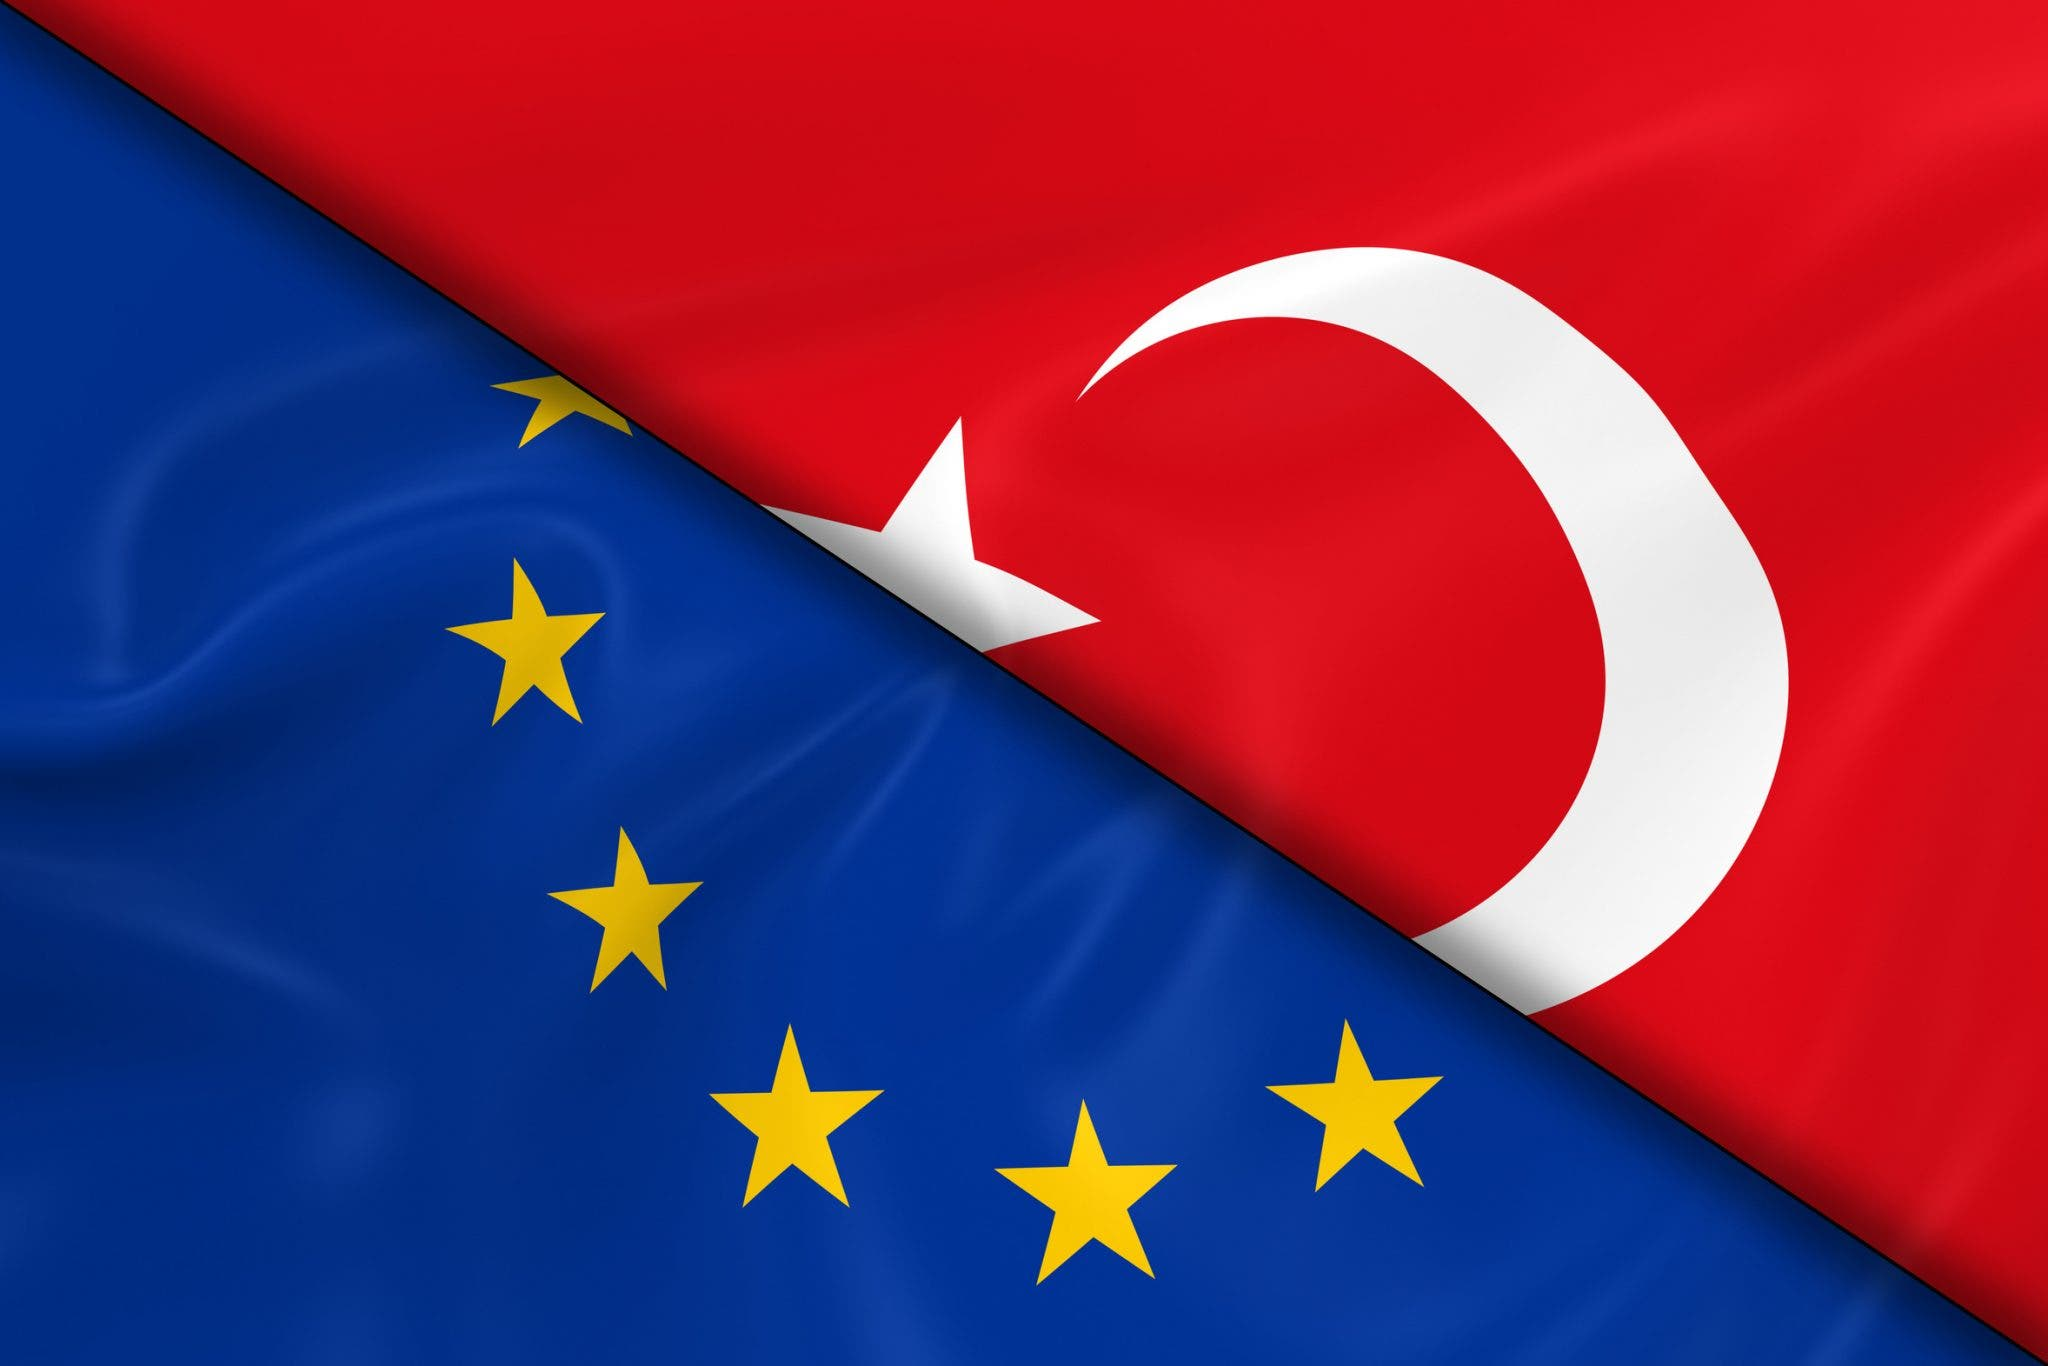 Halke ayuu ku danbeeyey hankii Turkey-ga ee ka mid noqoshada Midowga Yurub?